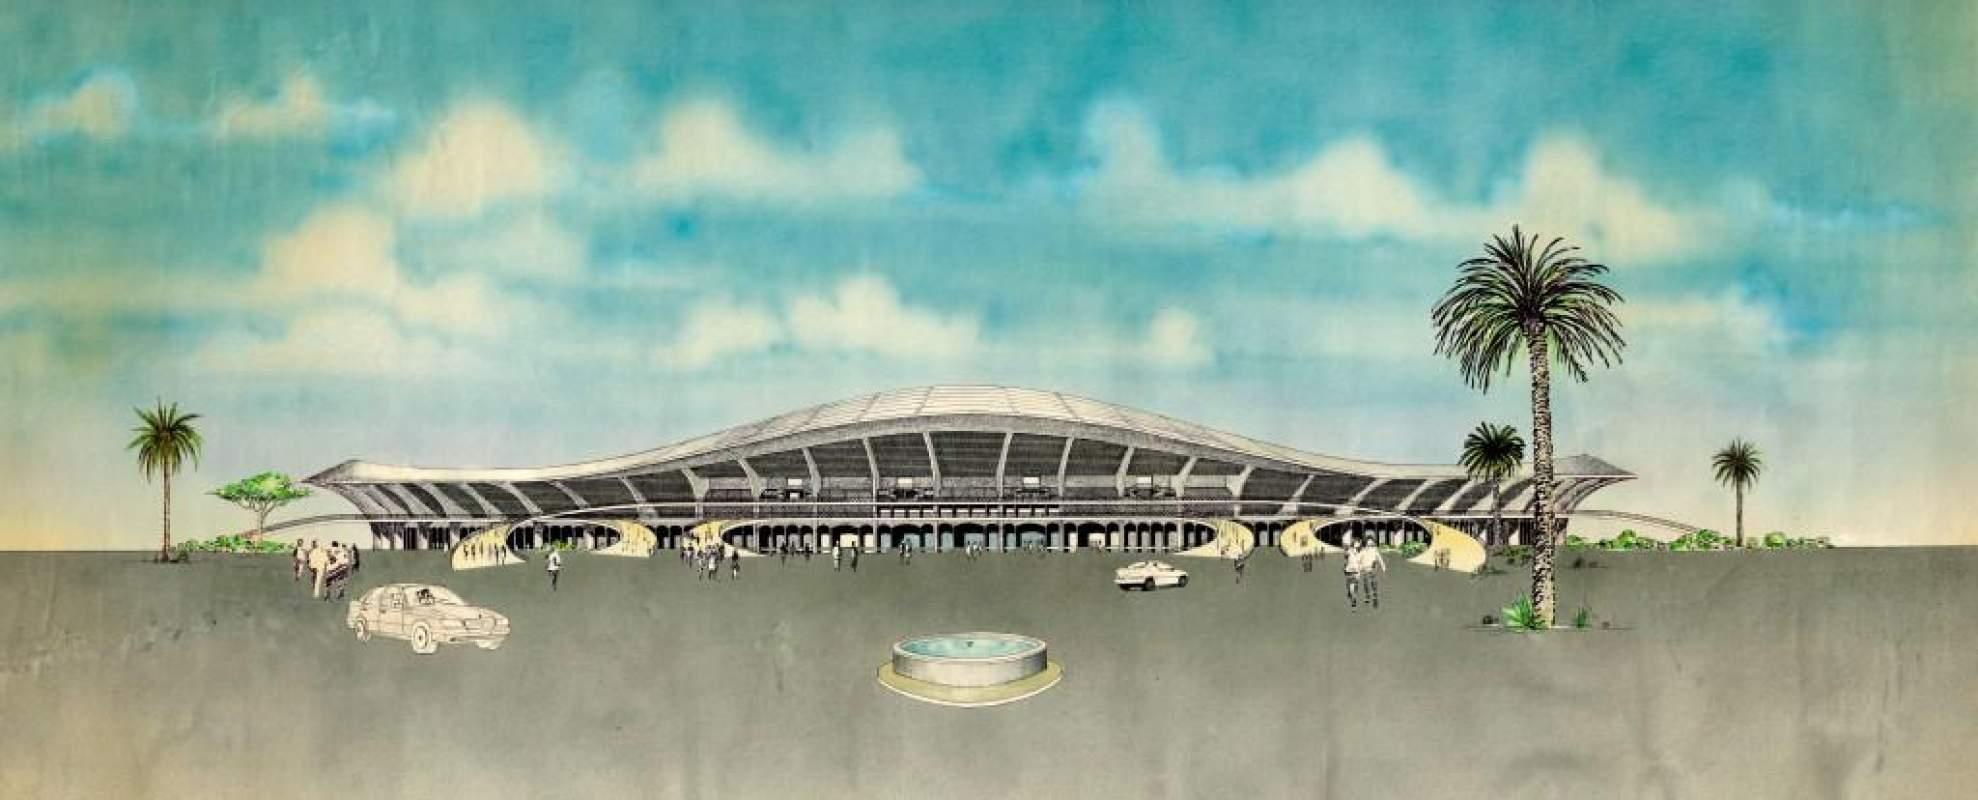 Beirut Sport City | Pre-Design B